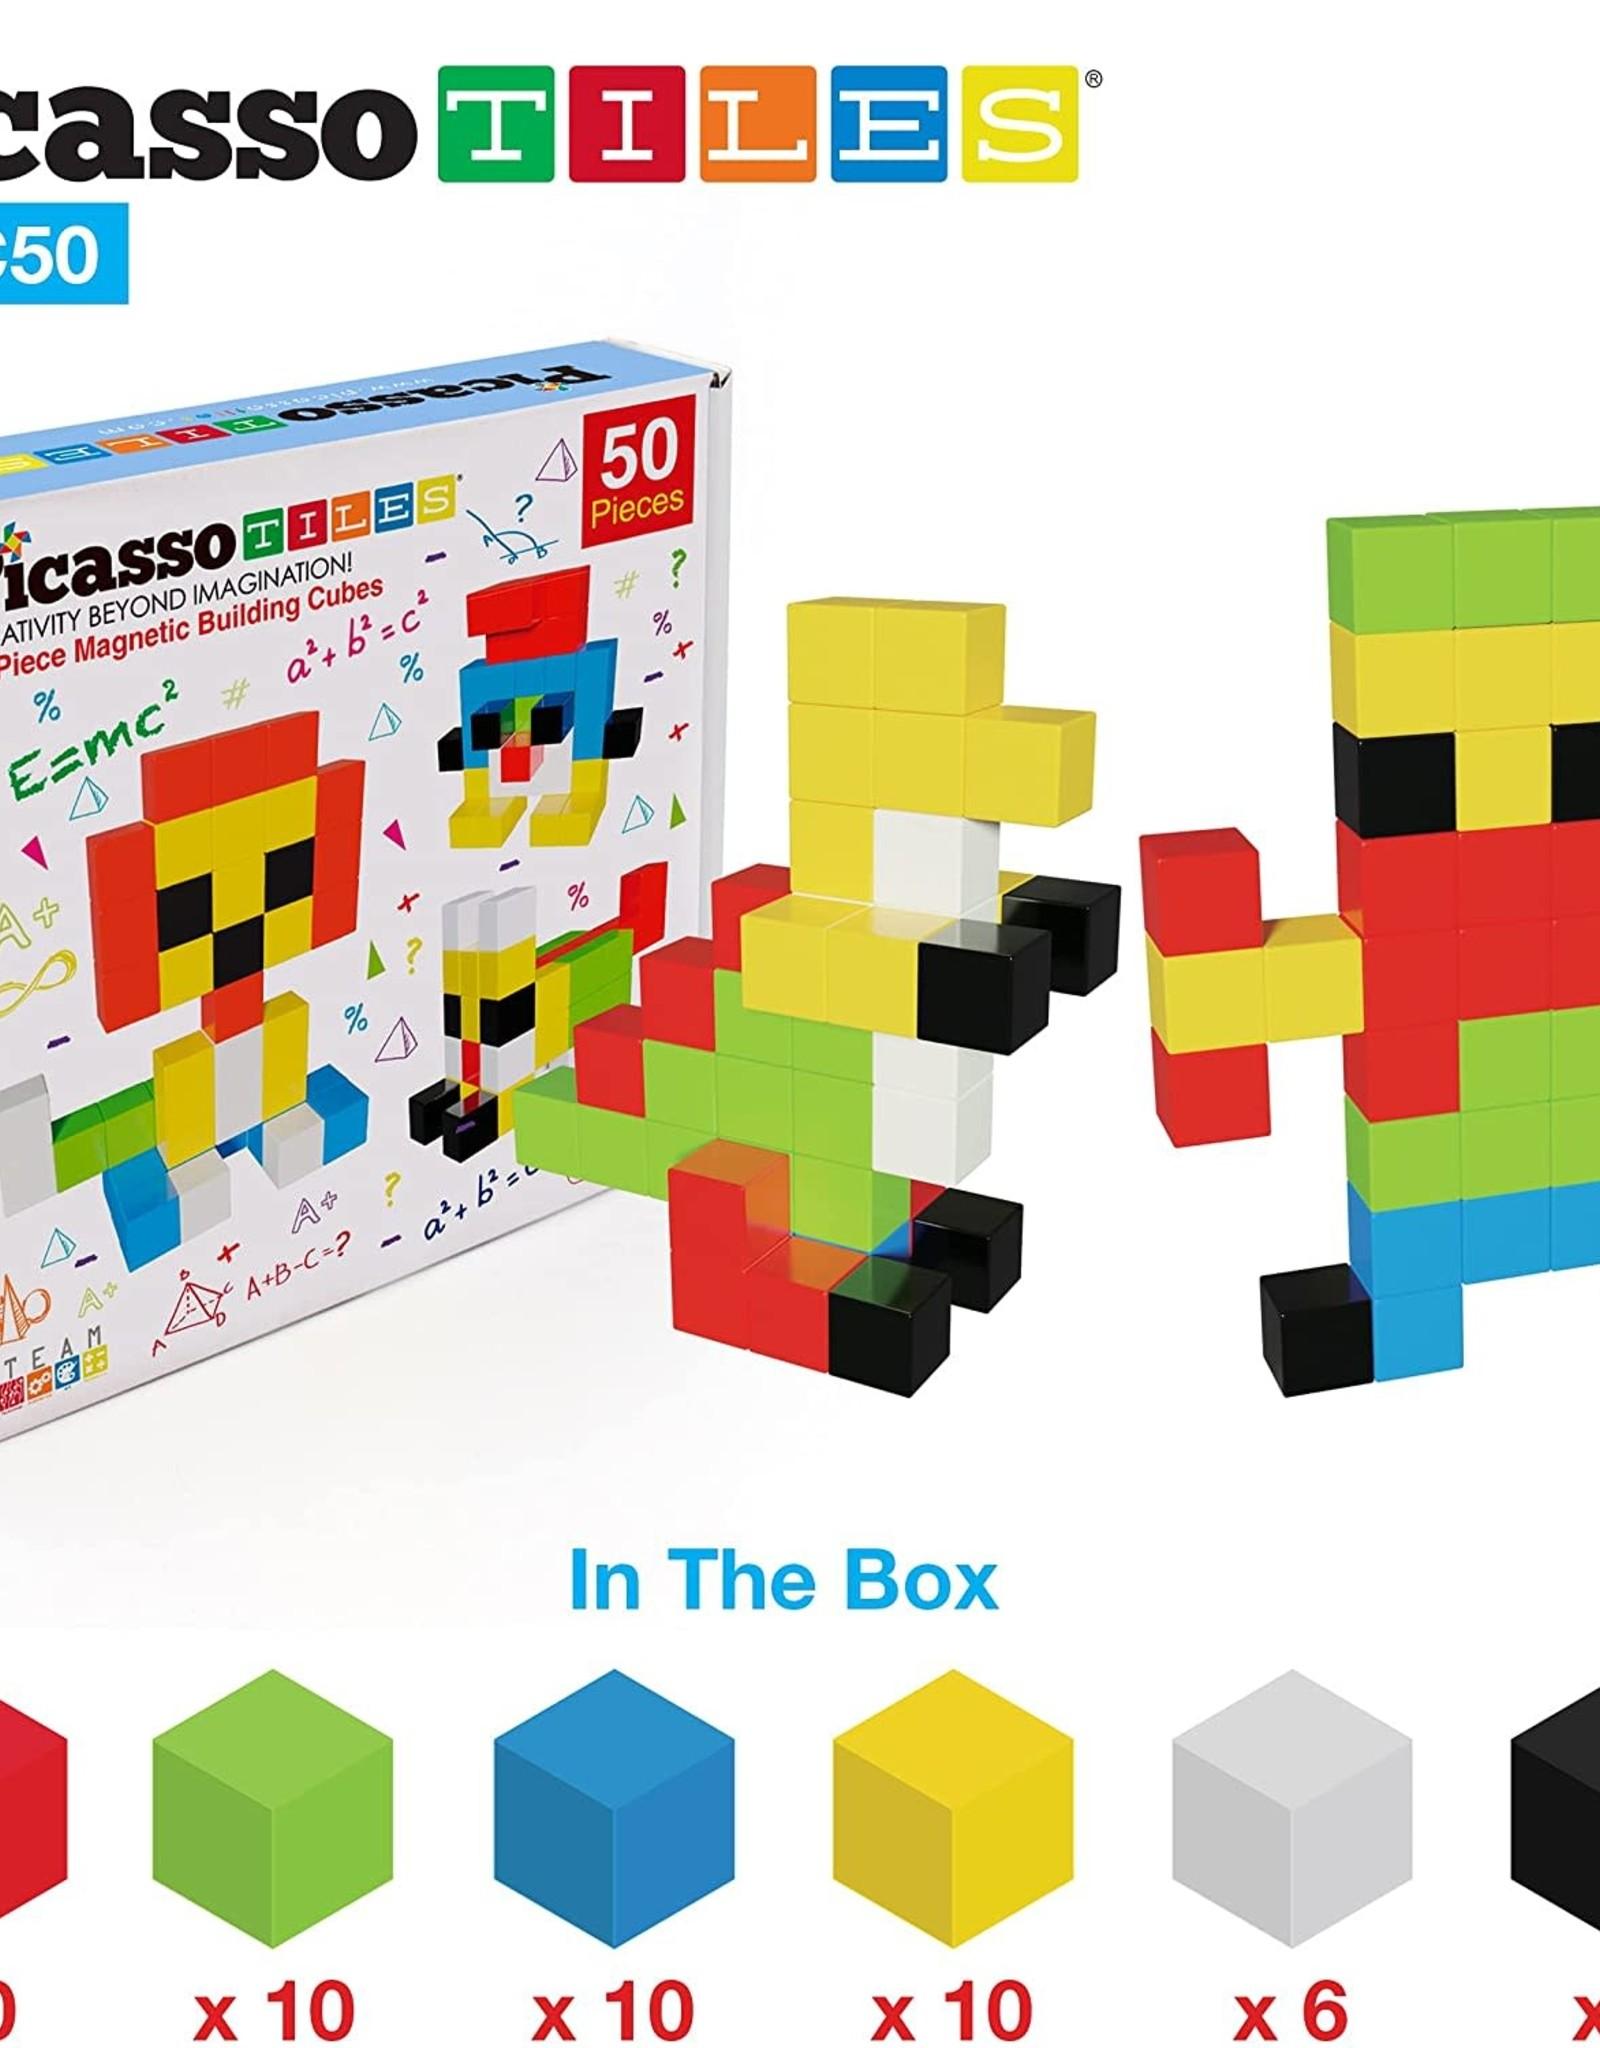 Picasso Tiles 50 Pc Pixel Magnetic Puzzle Cube Set